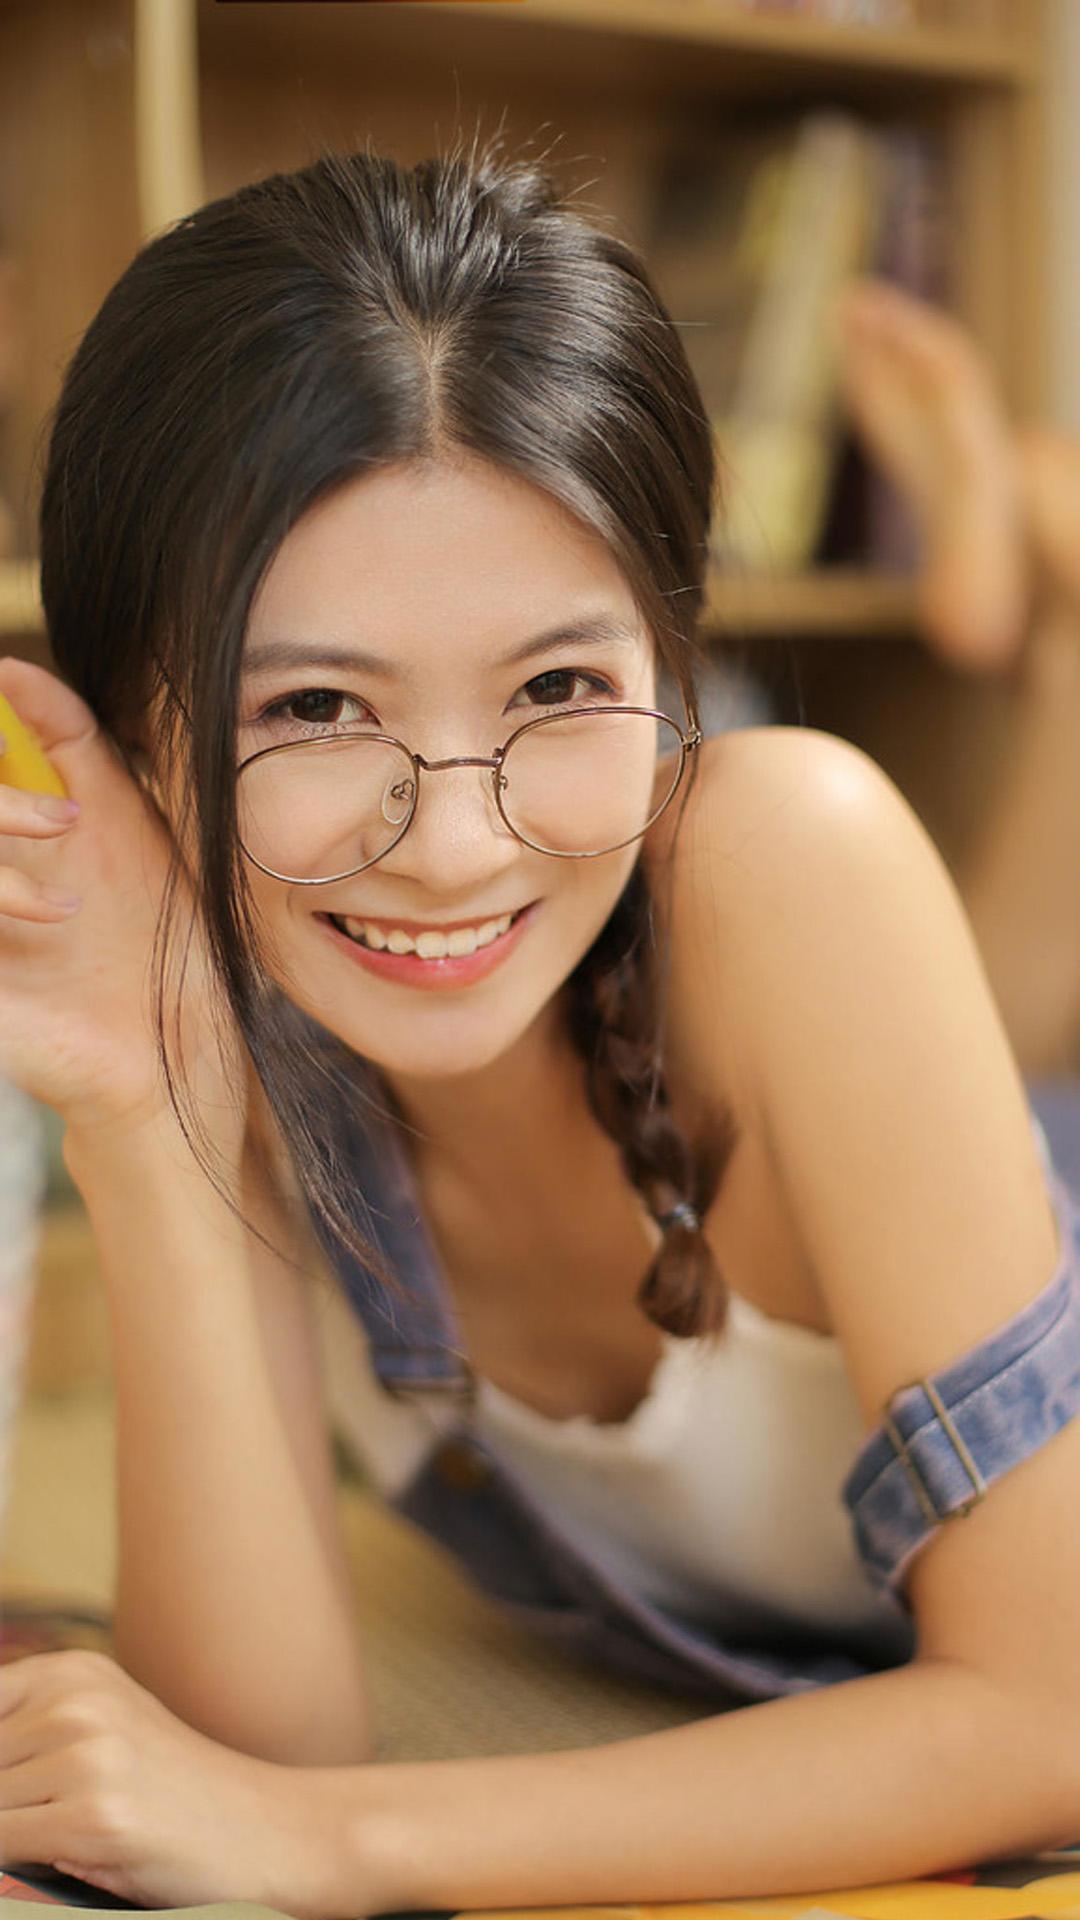 吊带背心美女清纯甜美日系私房摄影图片